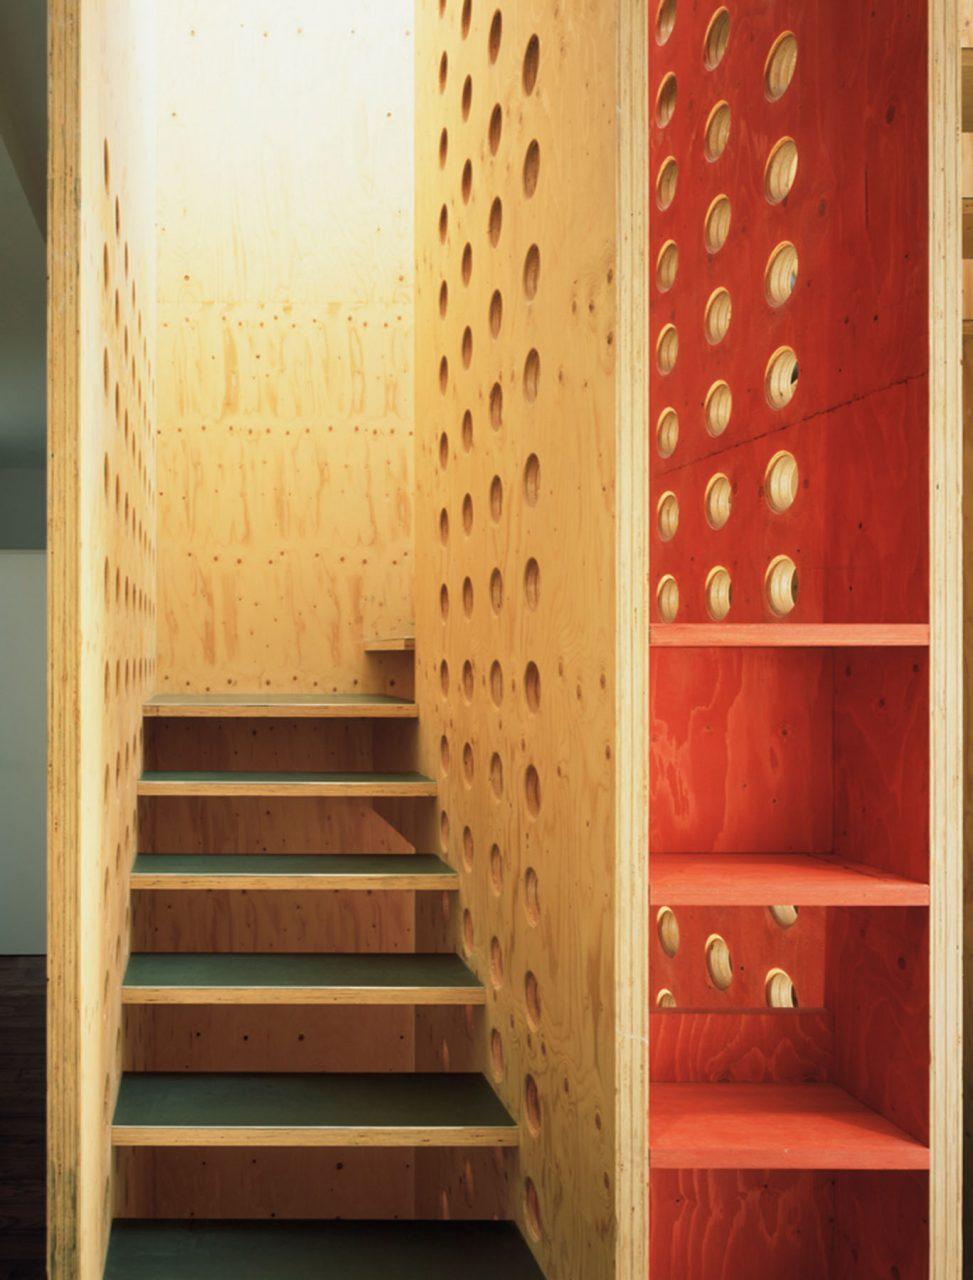 neo_leo.  Die wie Möbel verzapften und gedübelten Platten bilden eine eigenständige, selbst aussteifende Konstruktion.